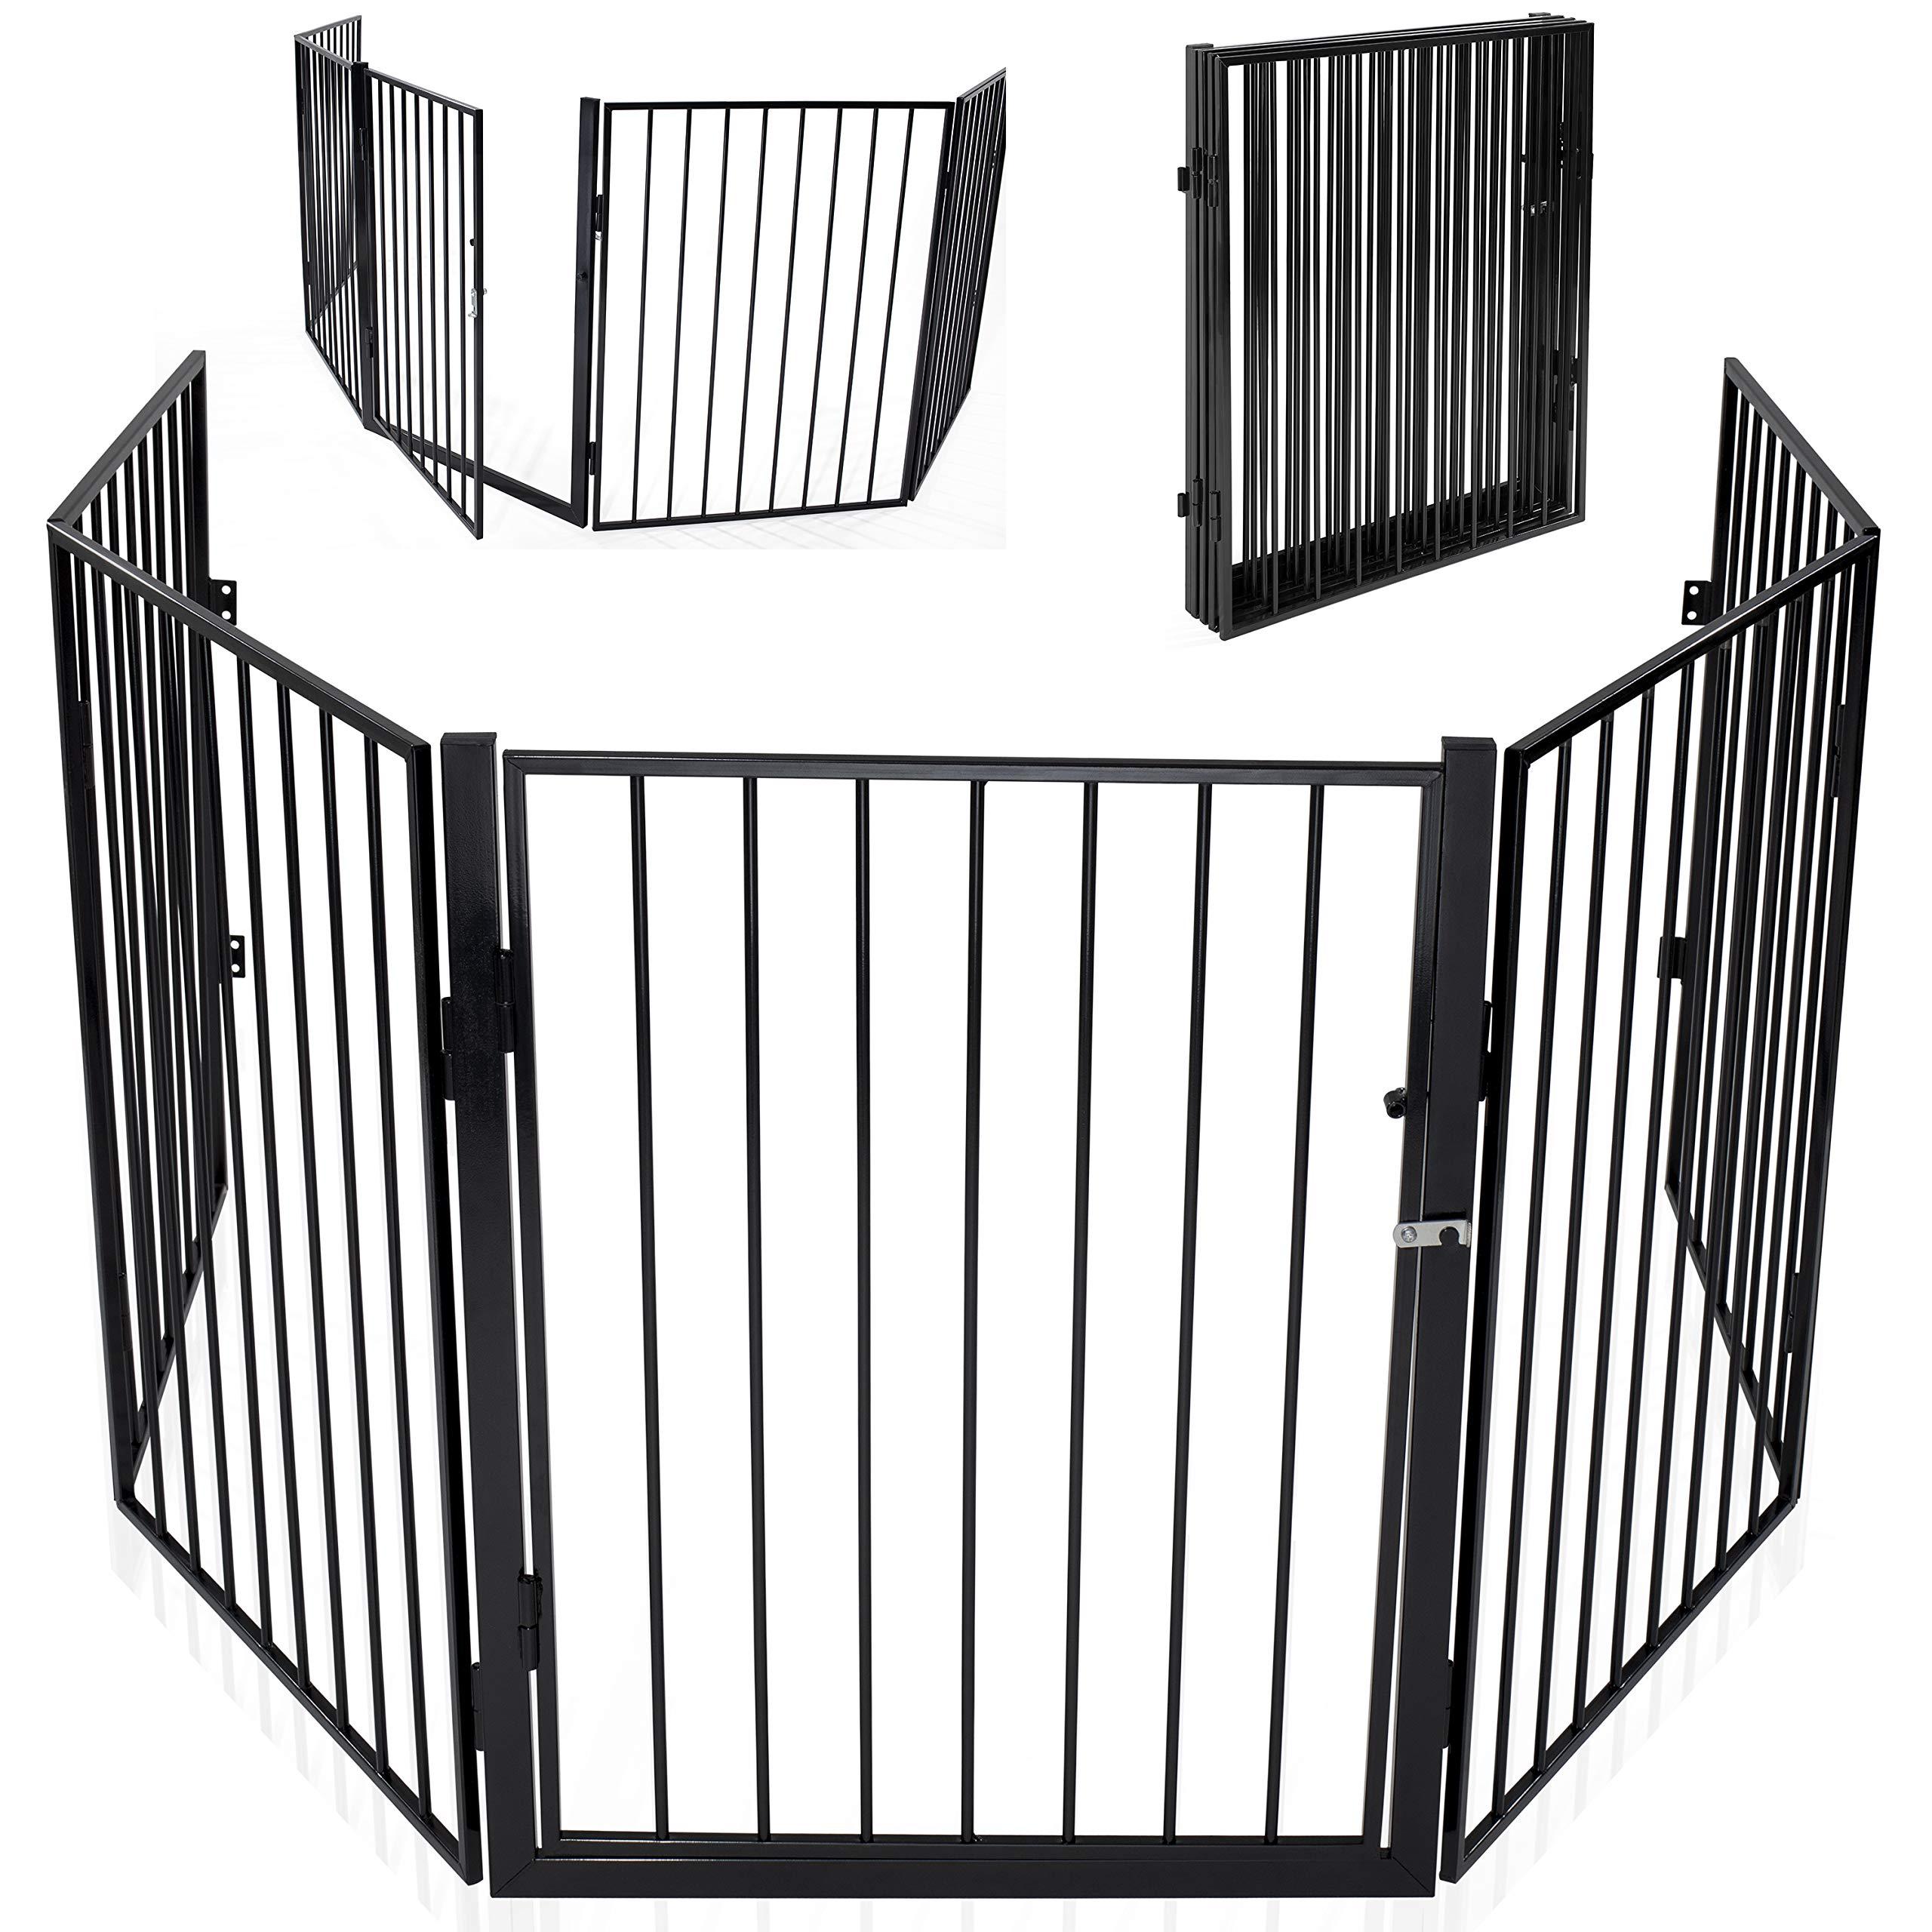 5 Paneles Reja de Protecci/ón de Metal Premontado Rejilla Protectora Met/álica Plegable con Puerta KIDUKU/® Barrera de Seguridad 305 cm para Ni/ños y Mascotas